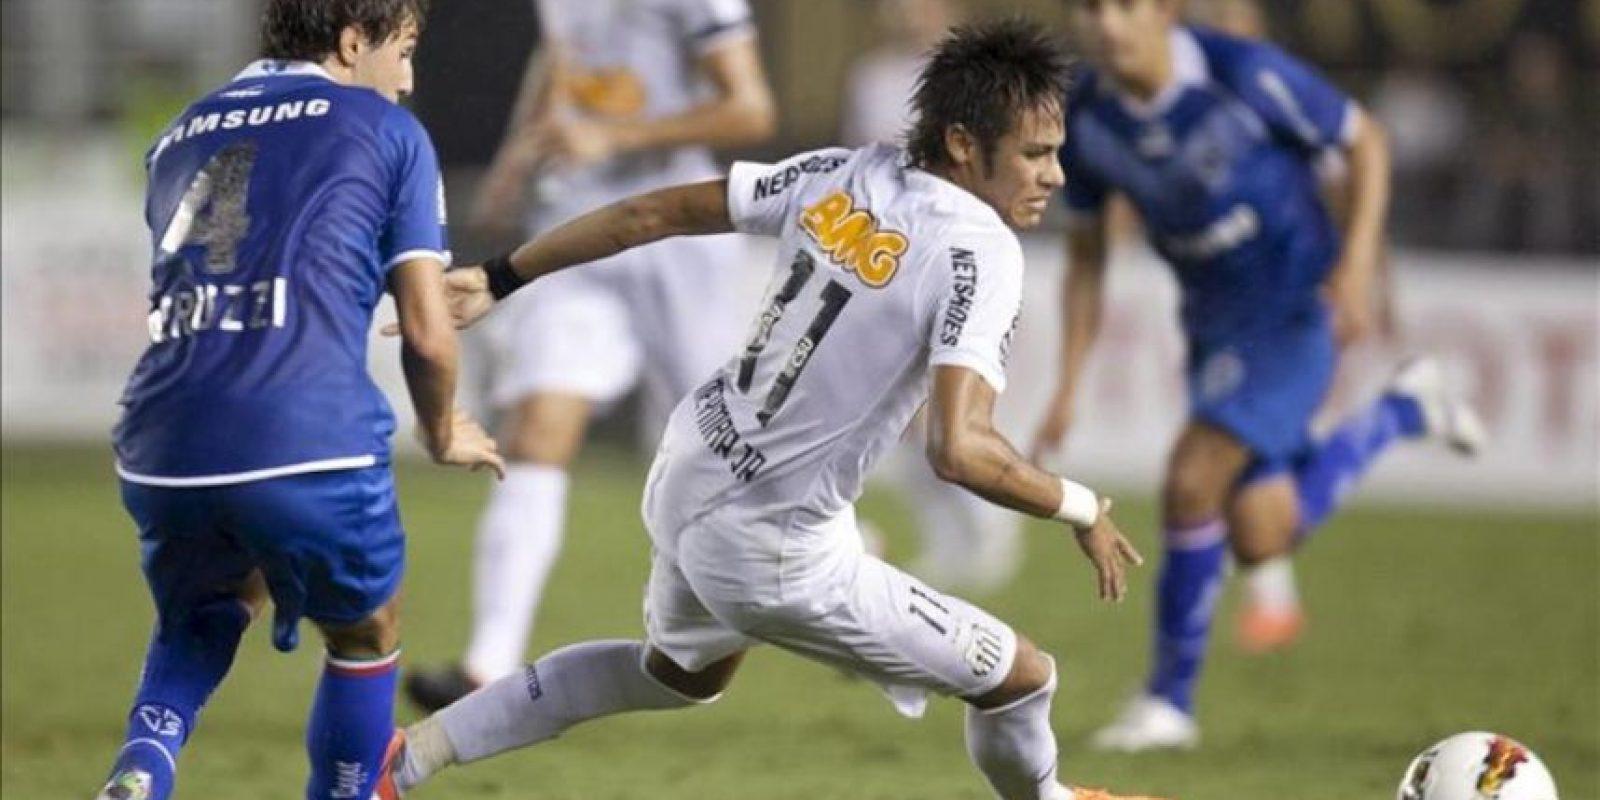 El jugador de Santos Neymar (d) es marcado por Gino Peruzzi (i), de Vélez Sarsfield, durante un partido por los cuartos de final de la Copa Libertadores en el estadio Vila Belmiro de Santos (Brasil). EFE